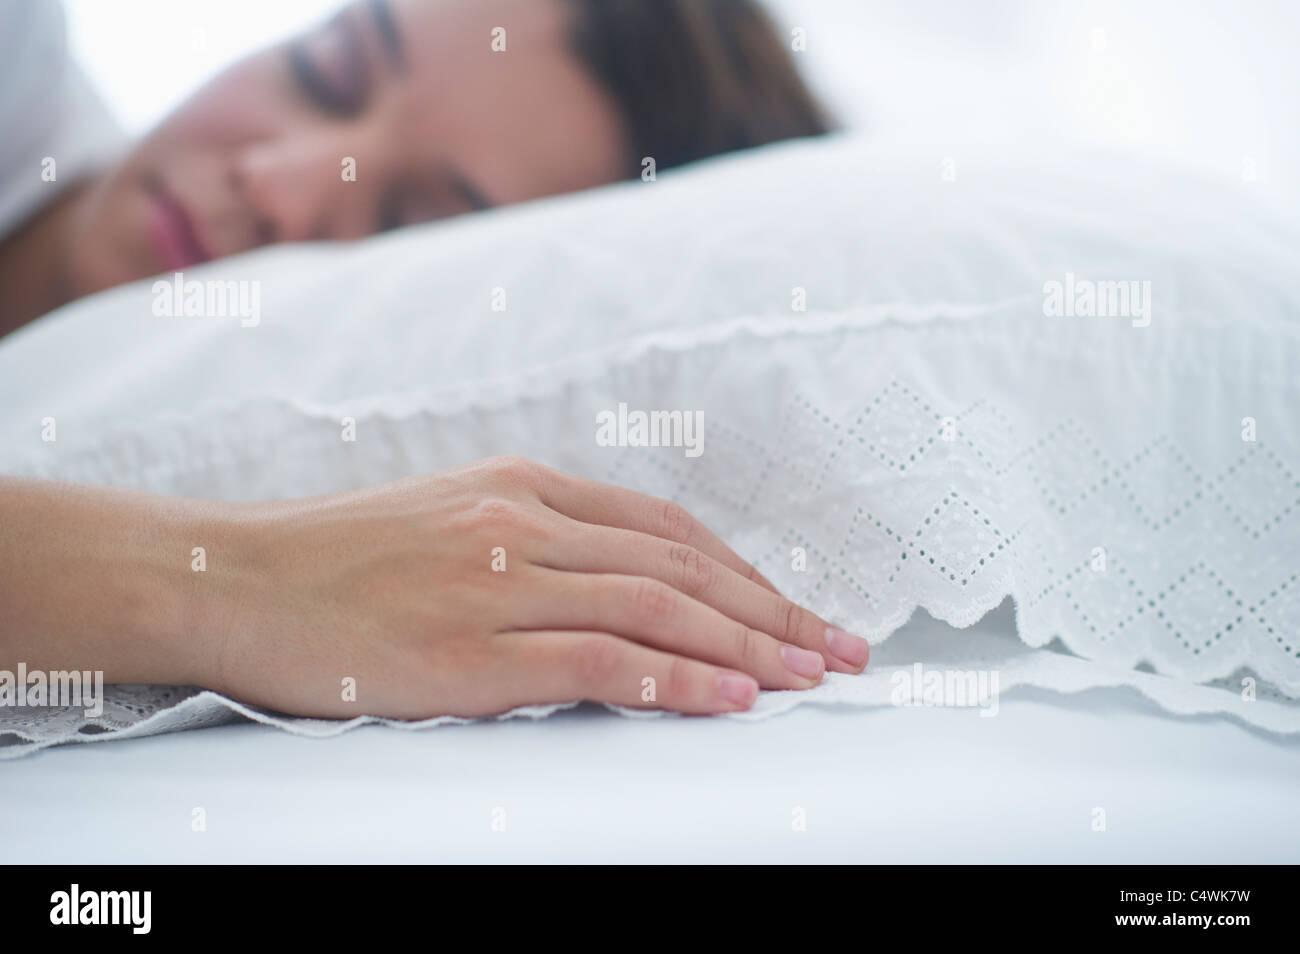 Bed Quilt Imágenes De Stock & Bed Quilt Fotos De Stock - Alamy